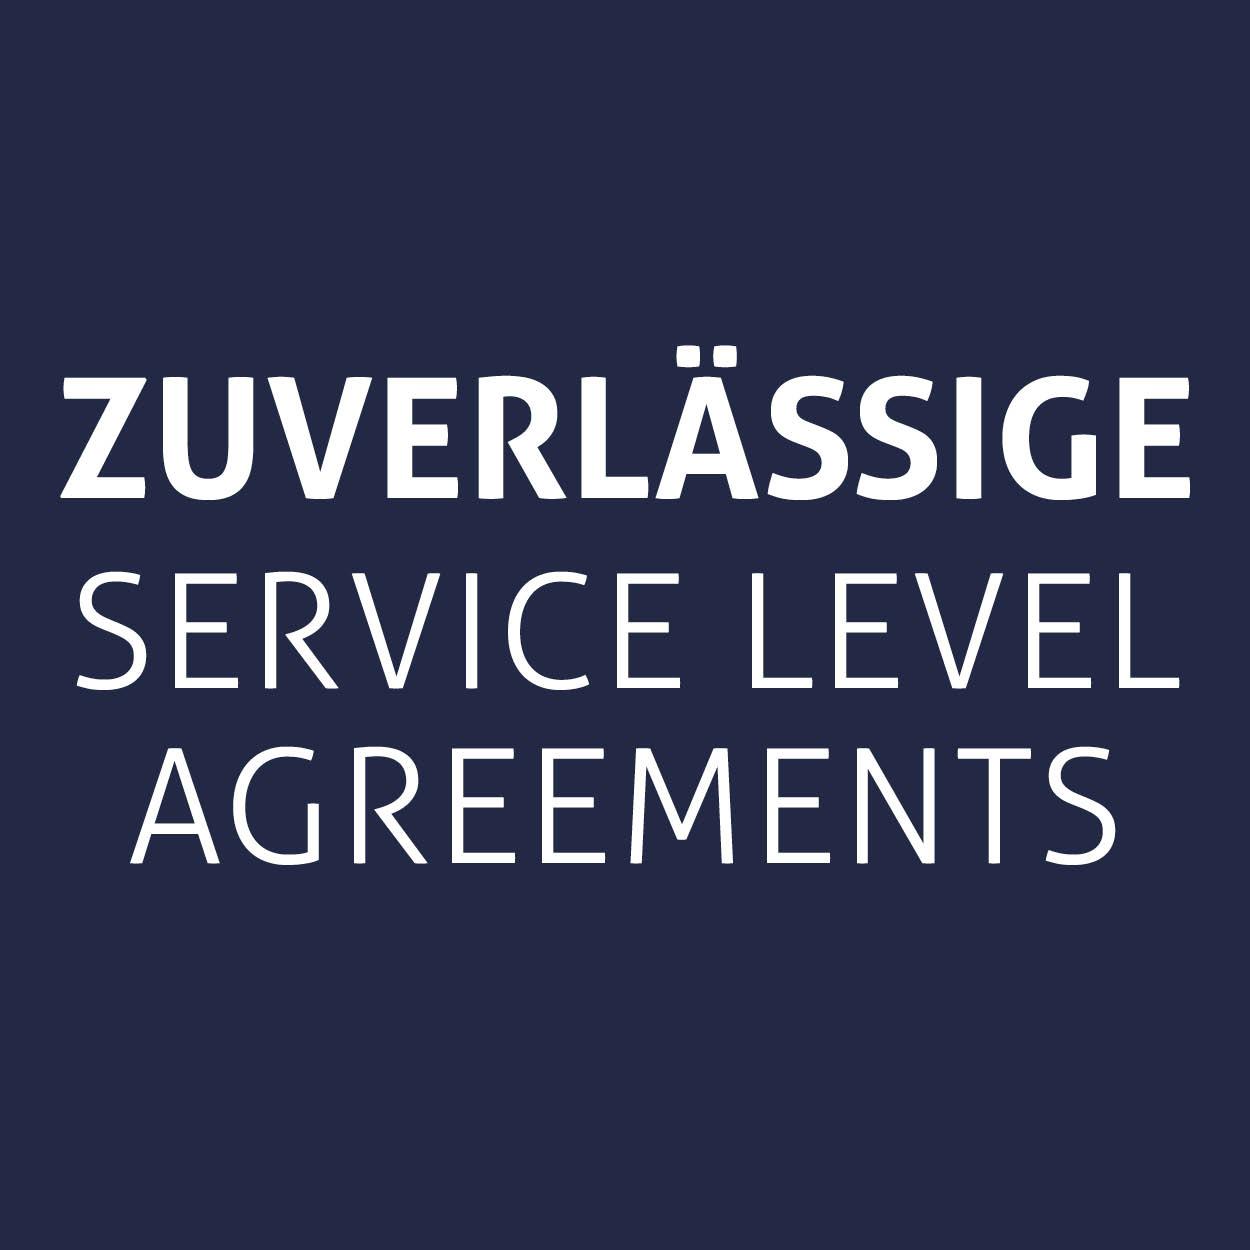 Zuverlässige service level agreements